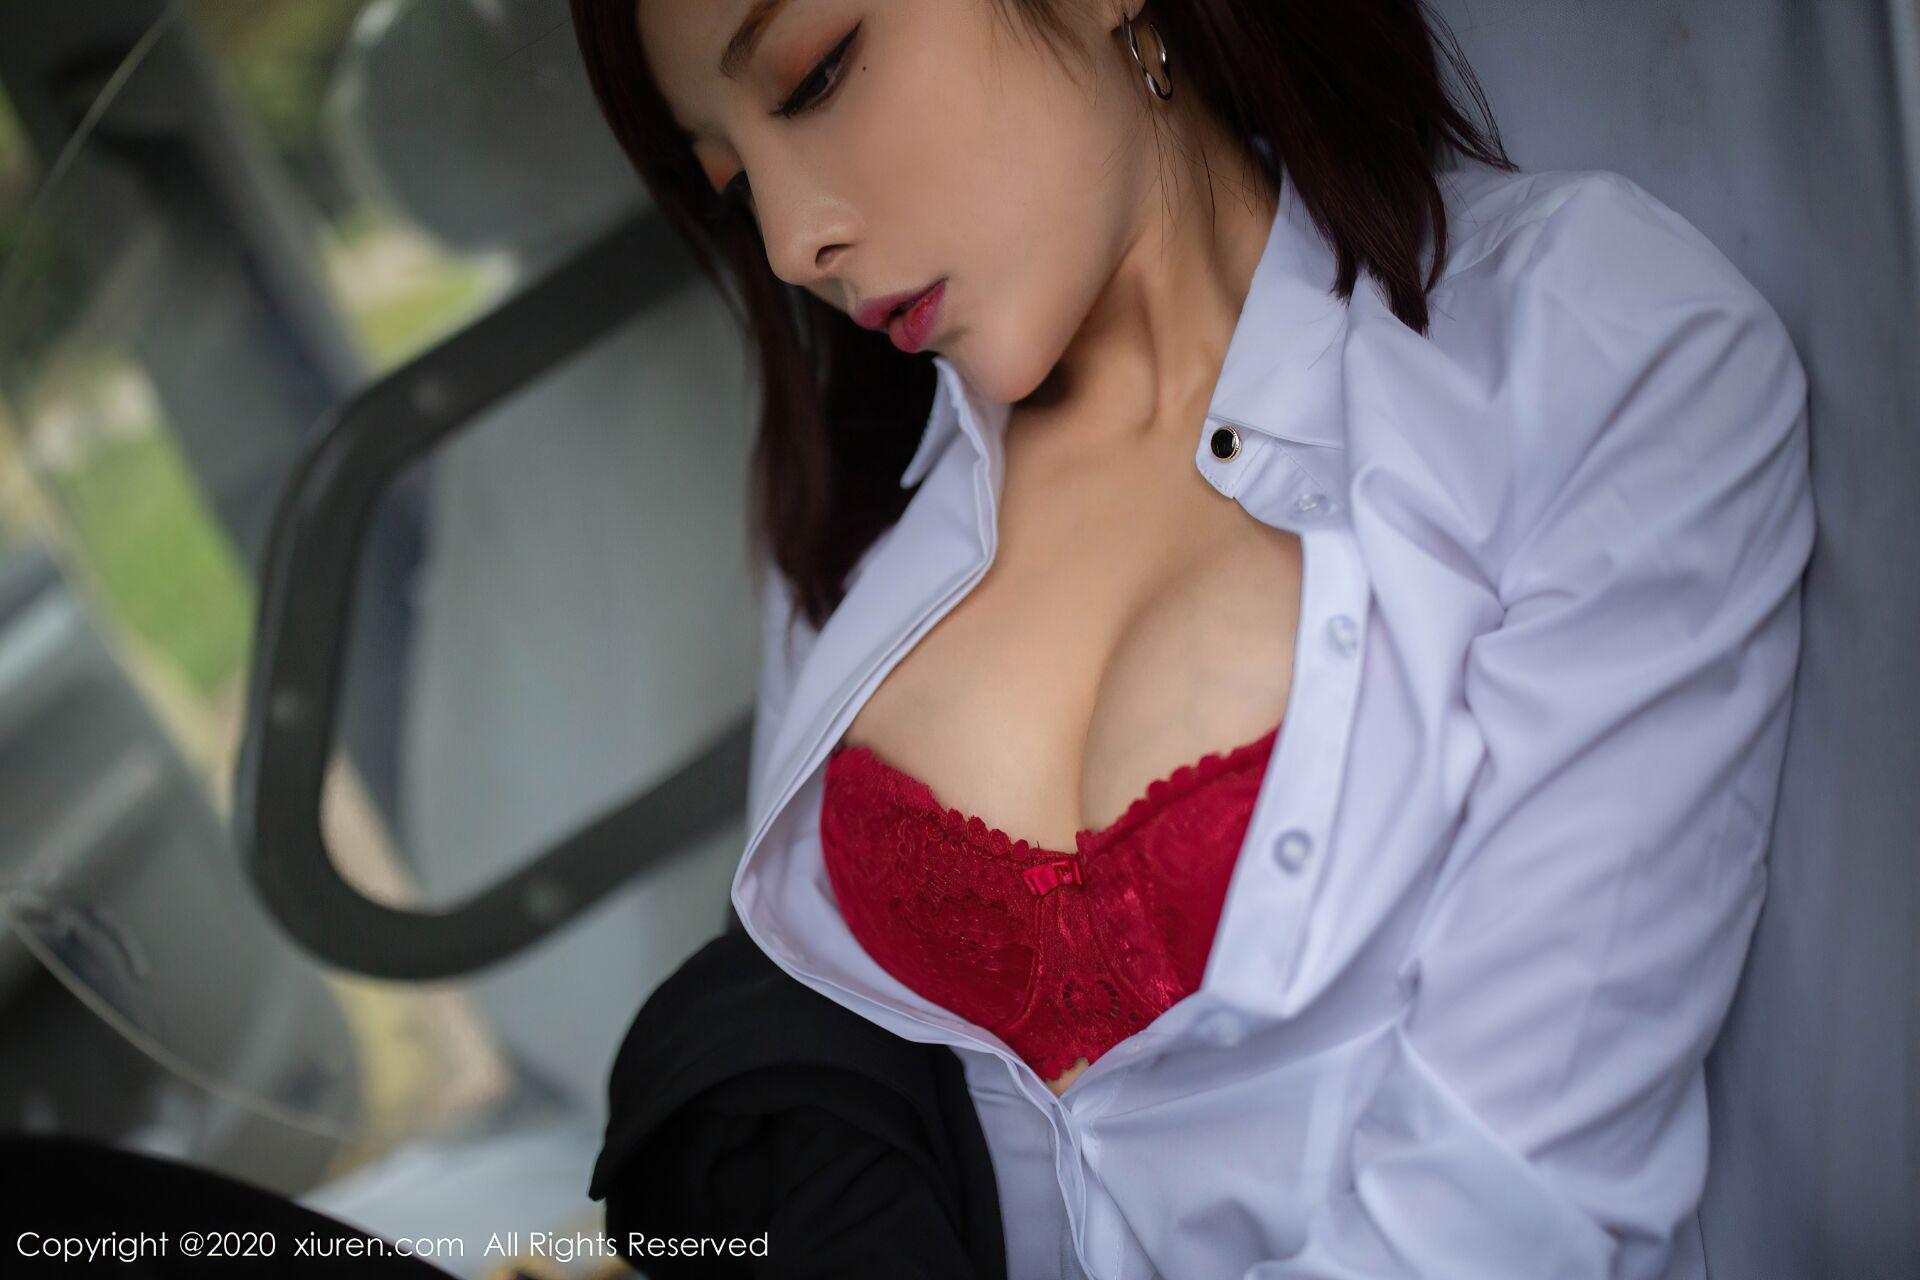 图片[50]-【剧情mietu】我和出租车女司机的邂逅故事-大鹏资源网